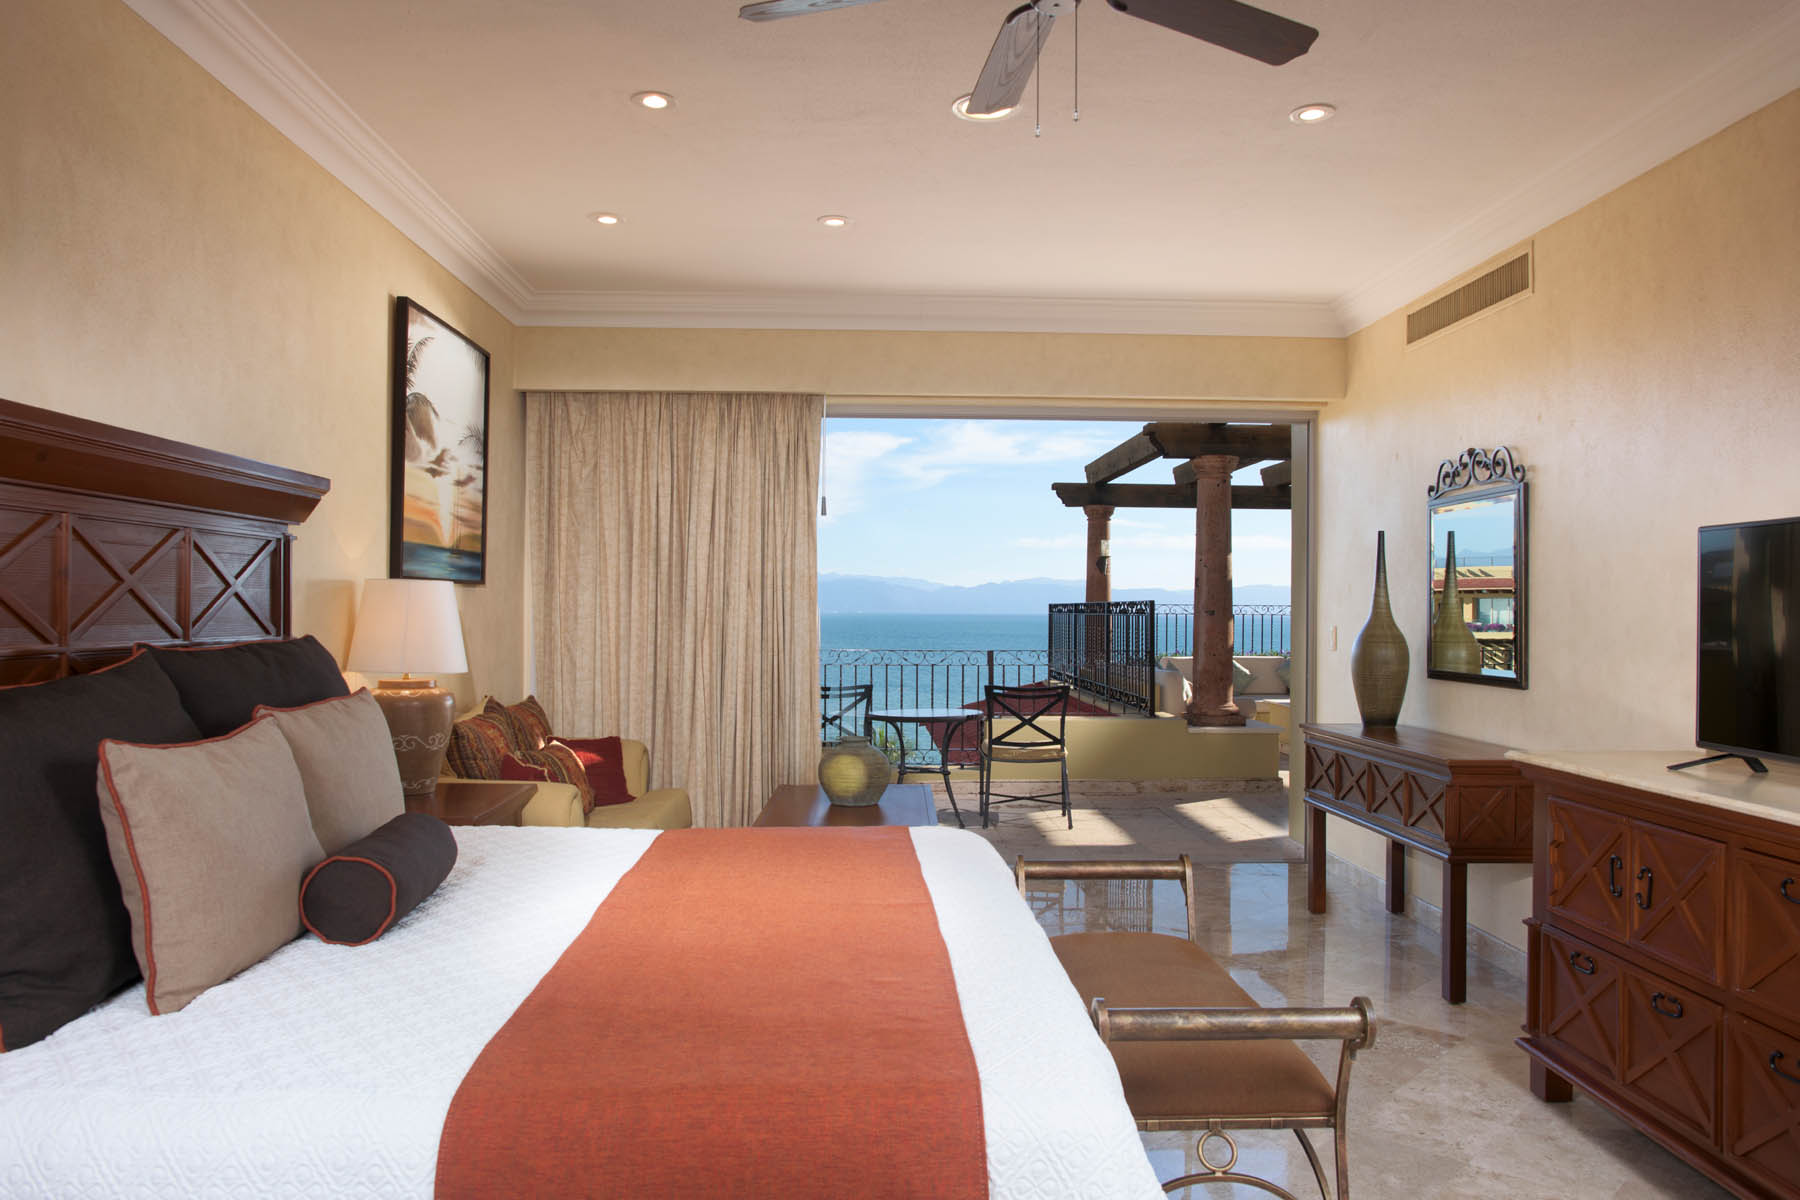 Villa la estancia riviera nayarit presidential three bedroom suite 7